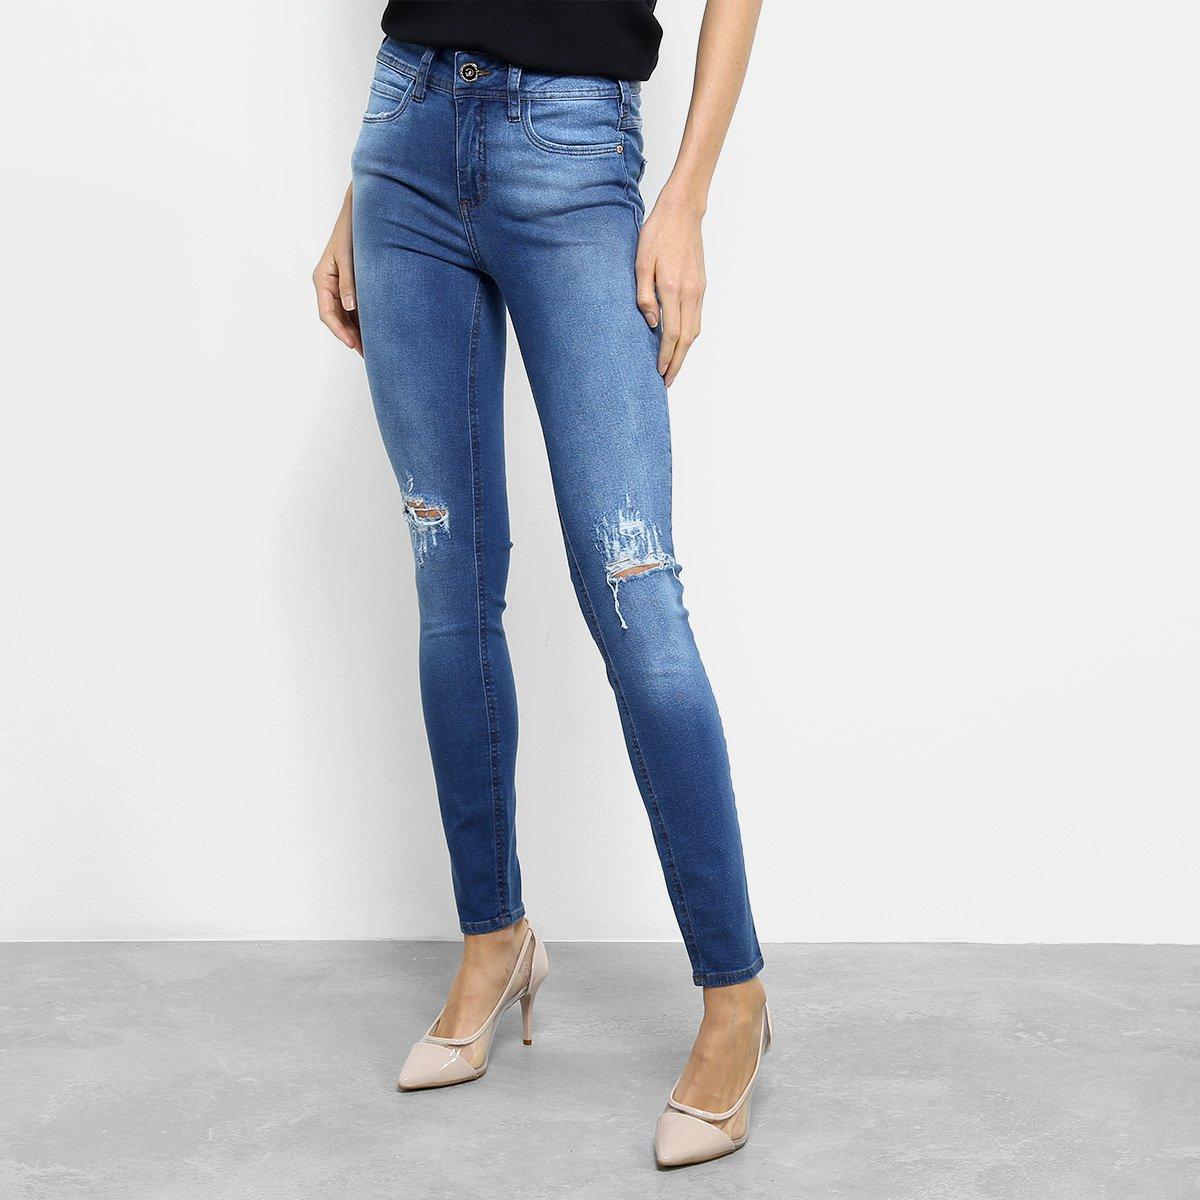 49164b0e5 Calça Jeans Skinny Colcci Estonada Rasgo Joelho Cintura Média Feminina